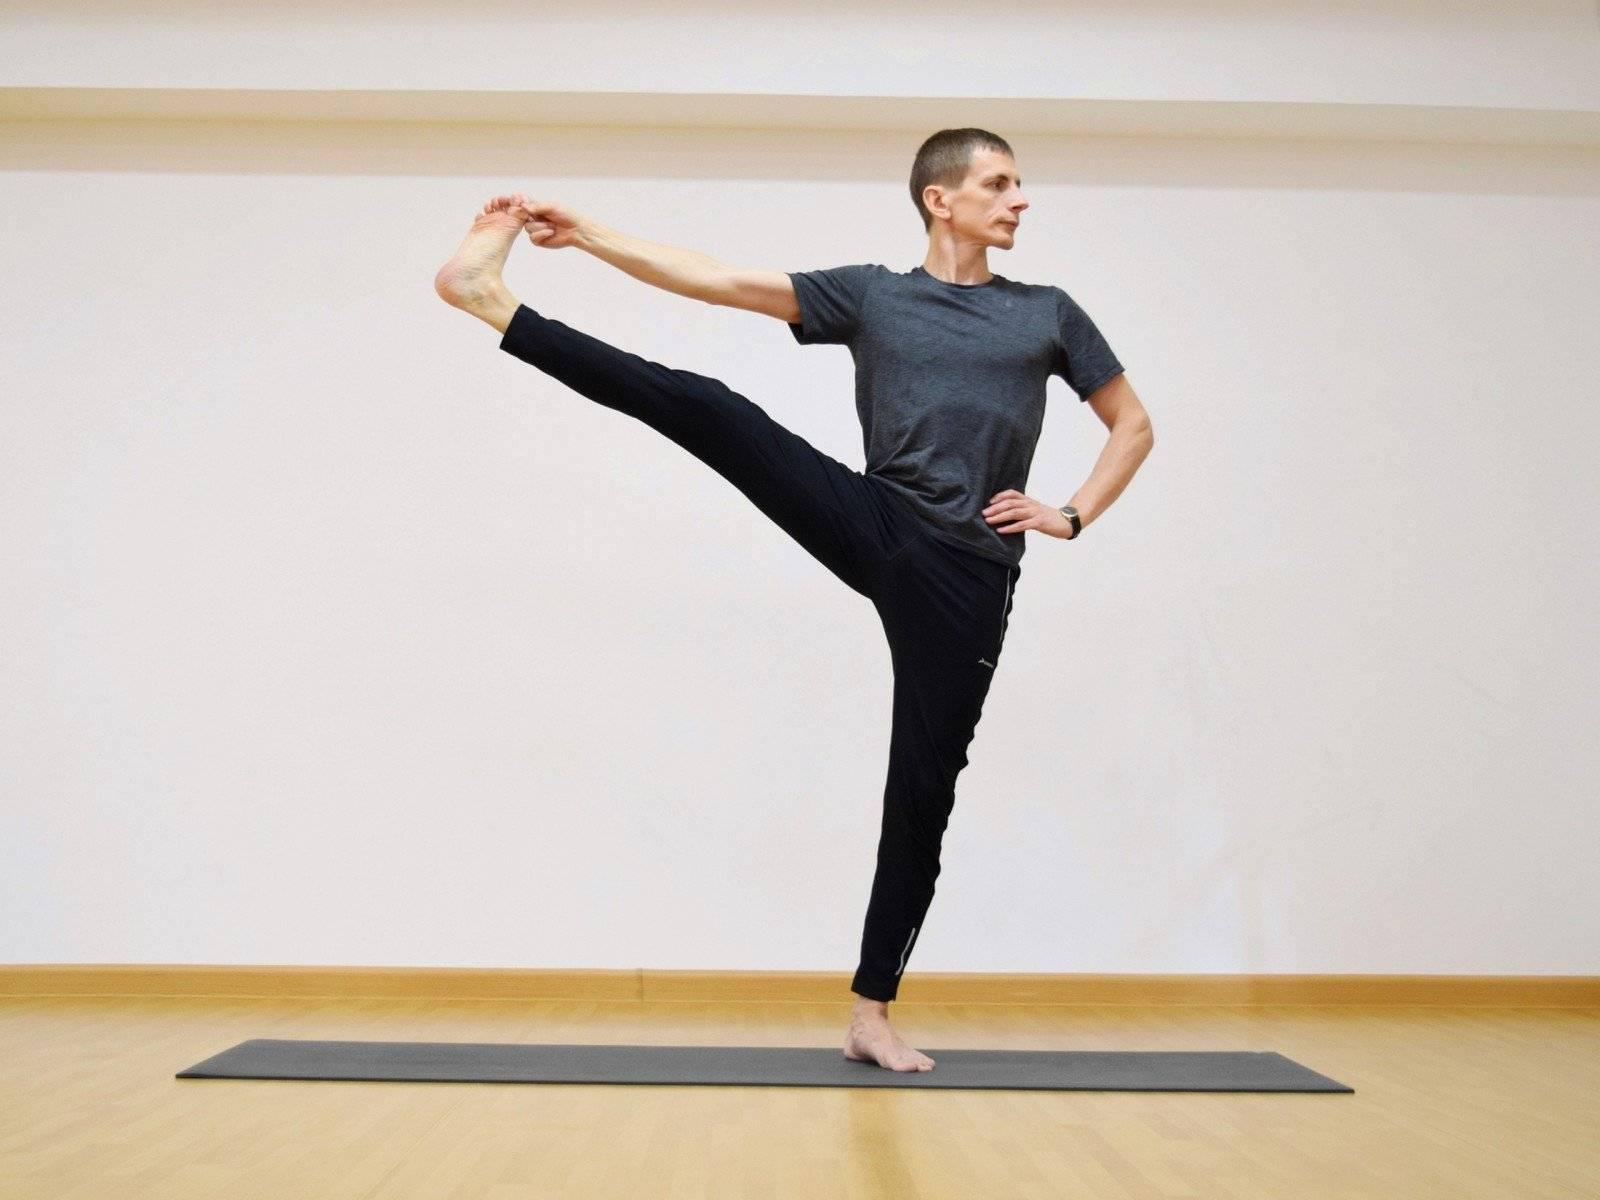 Уттхита хаста падангуштхасана или поза вытянутой ноги и руки в йоге: техника выполнения, польза, противопоказания